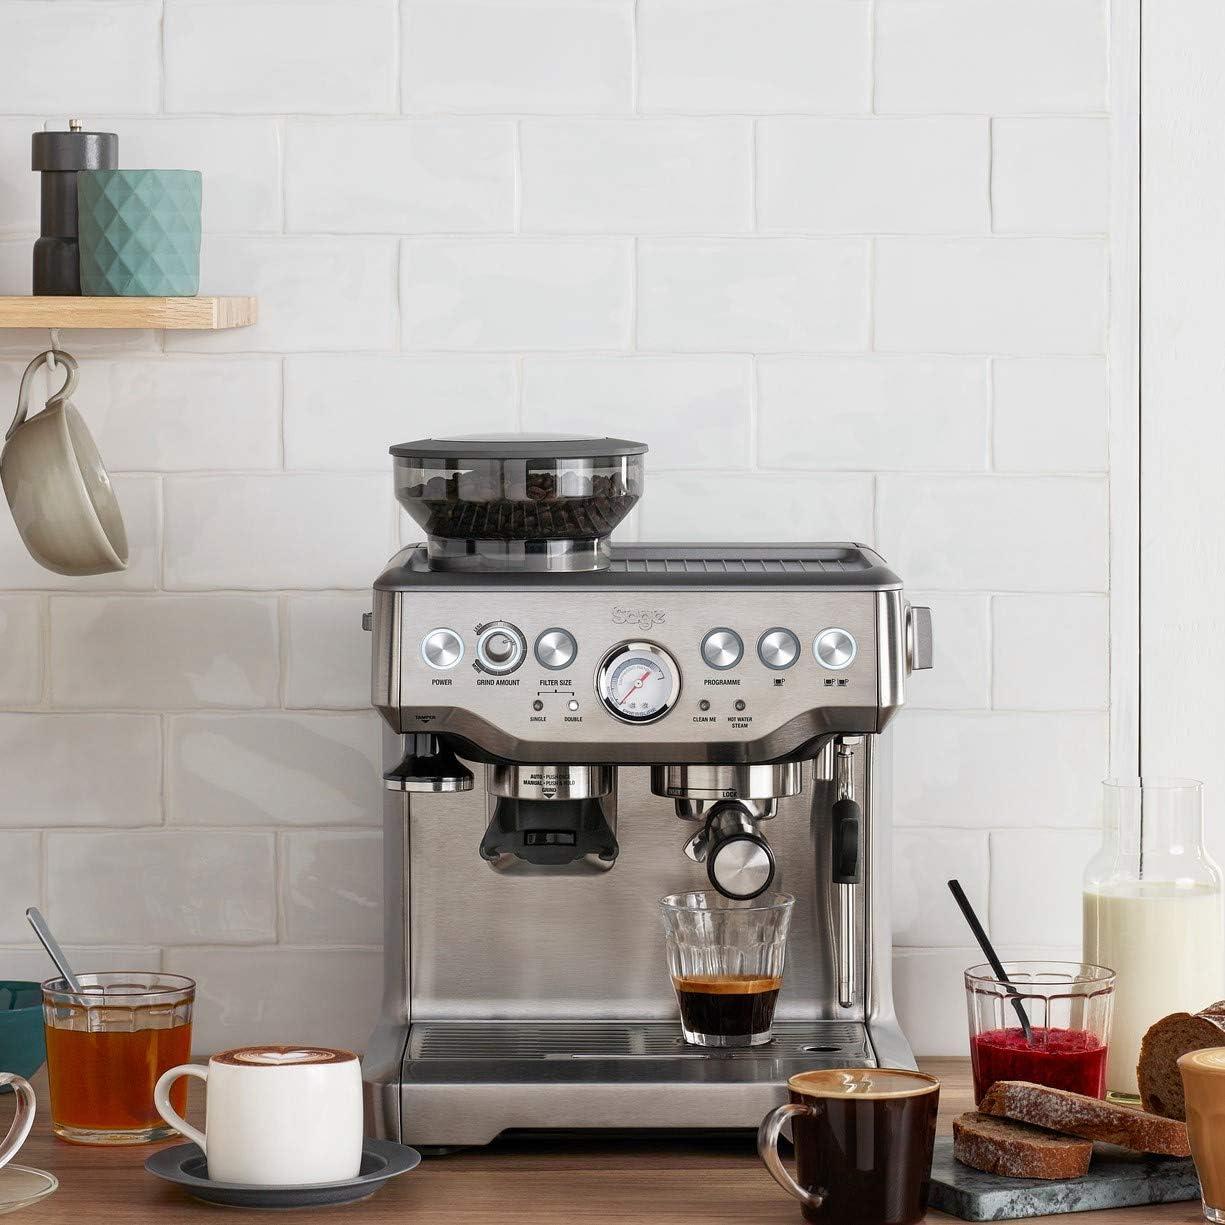 Sage Siebträgermaschine - Kaffeemaschine mit Mahlwerk